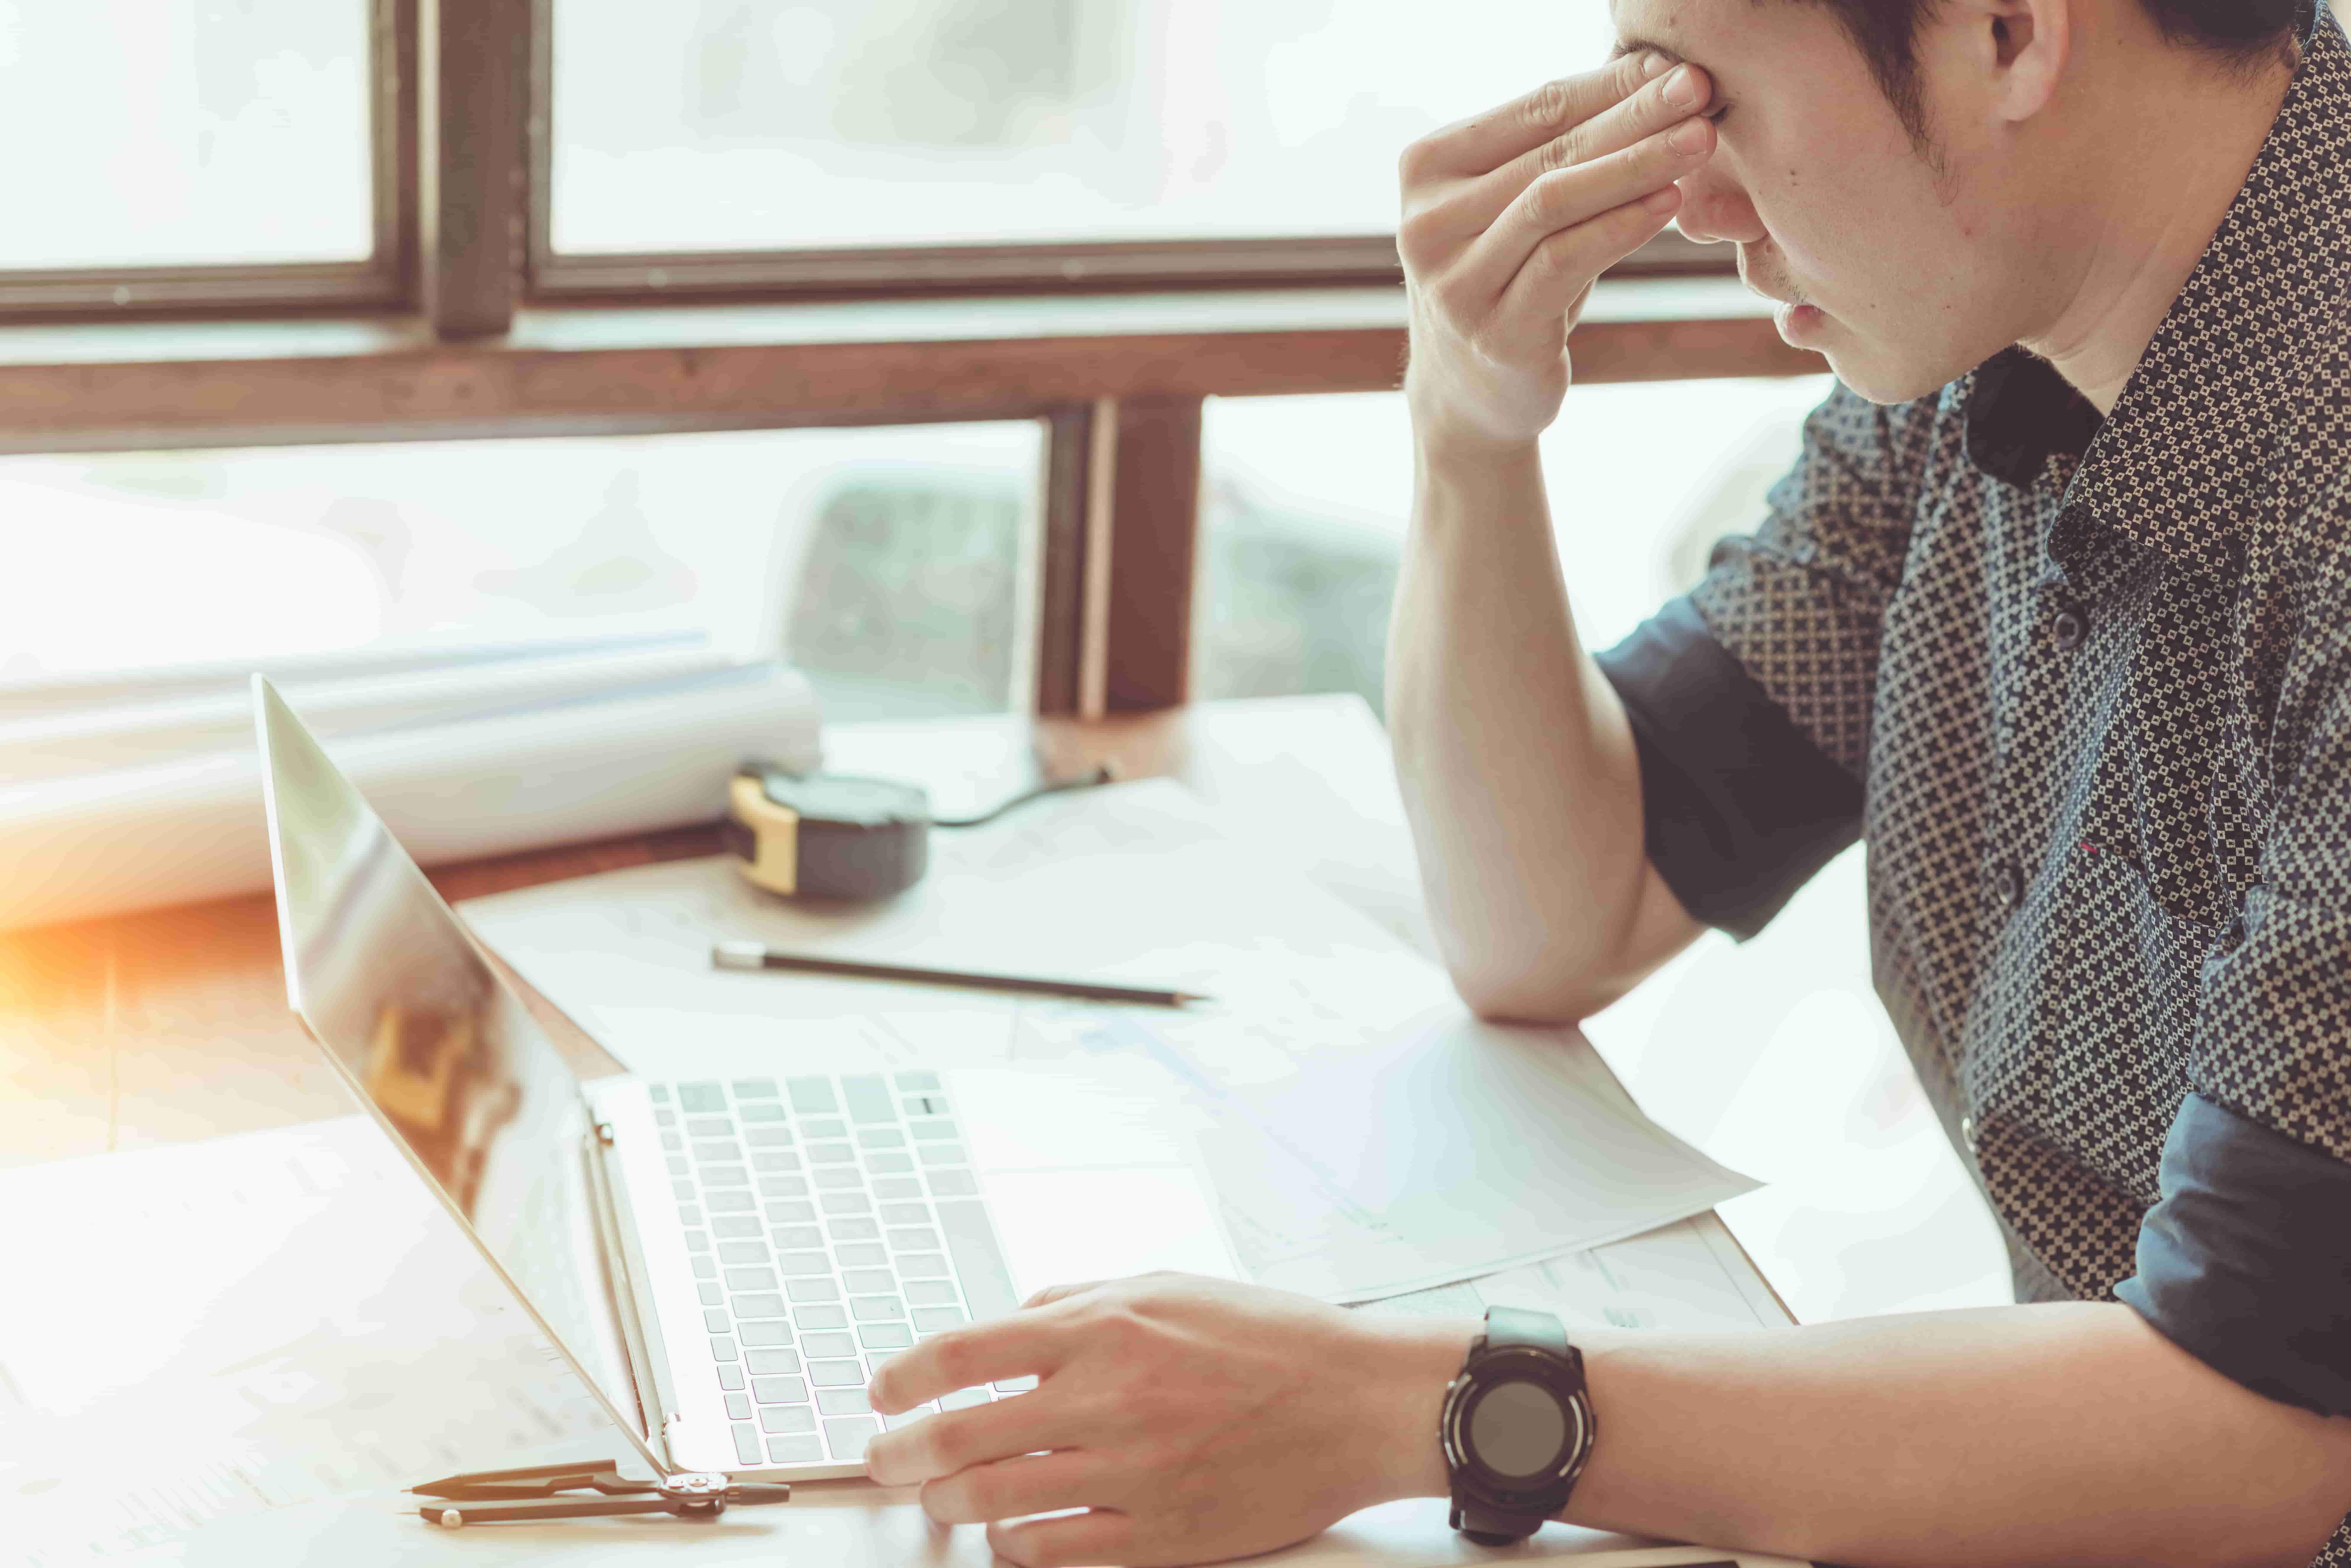 Homme assis à un bureau devant ordinateur n'arrivant plus à se concentrer